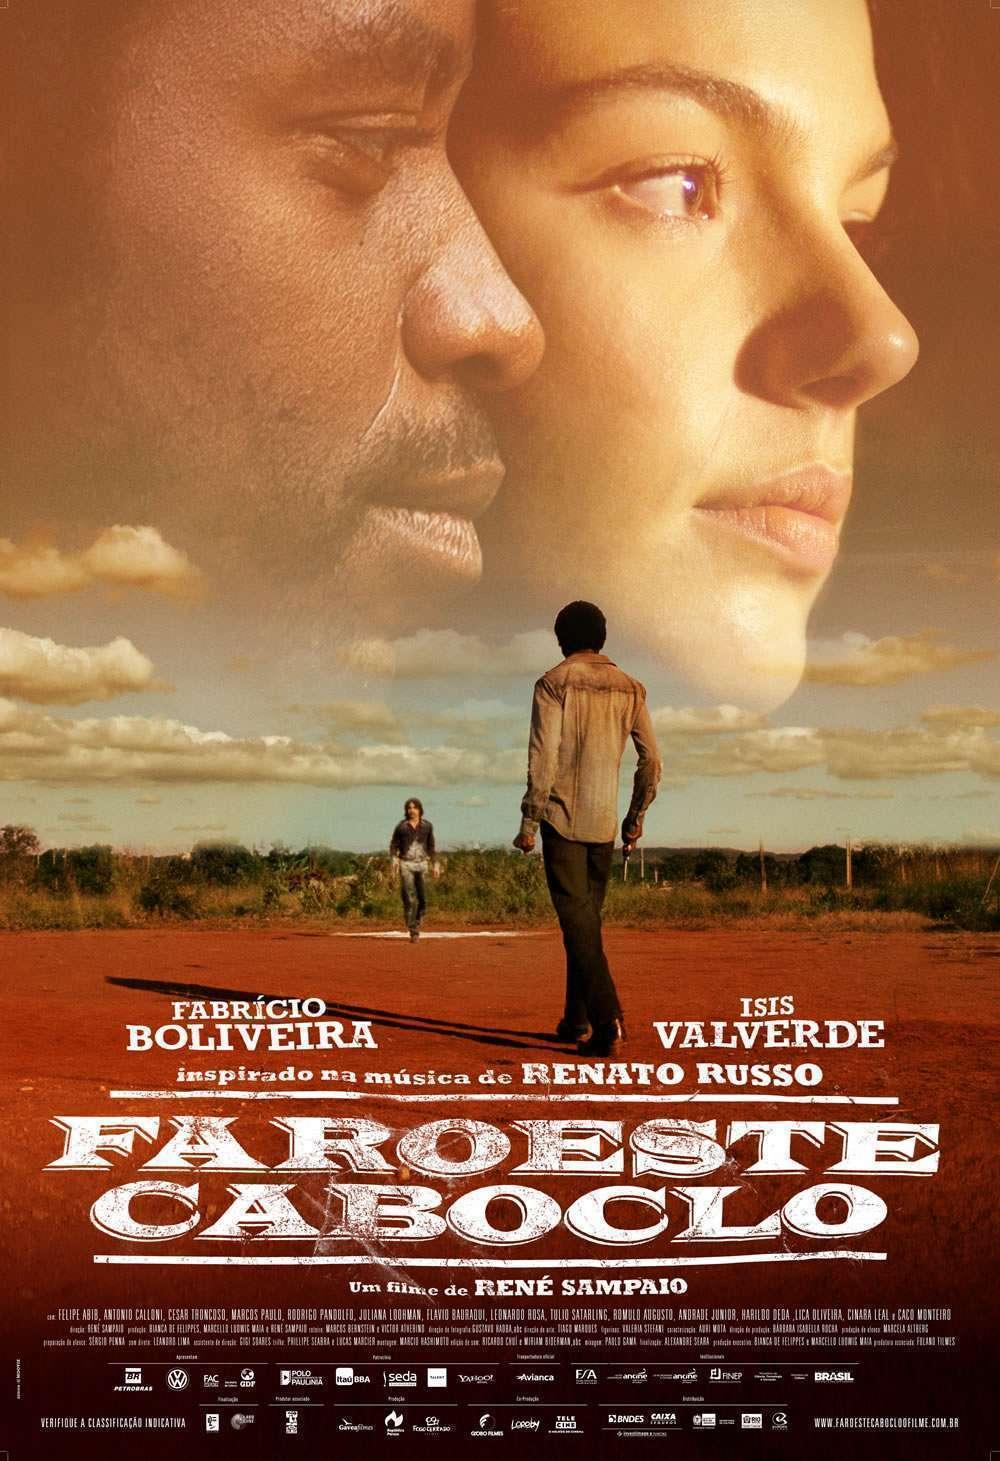 Faroeste Cabloco poster